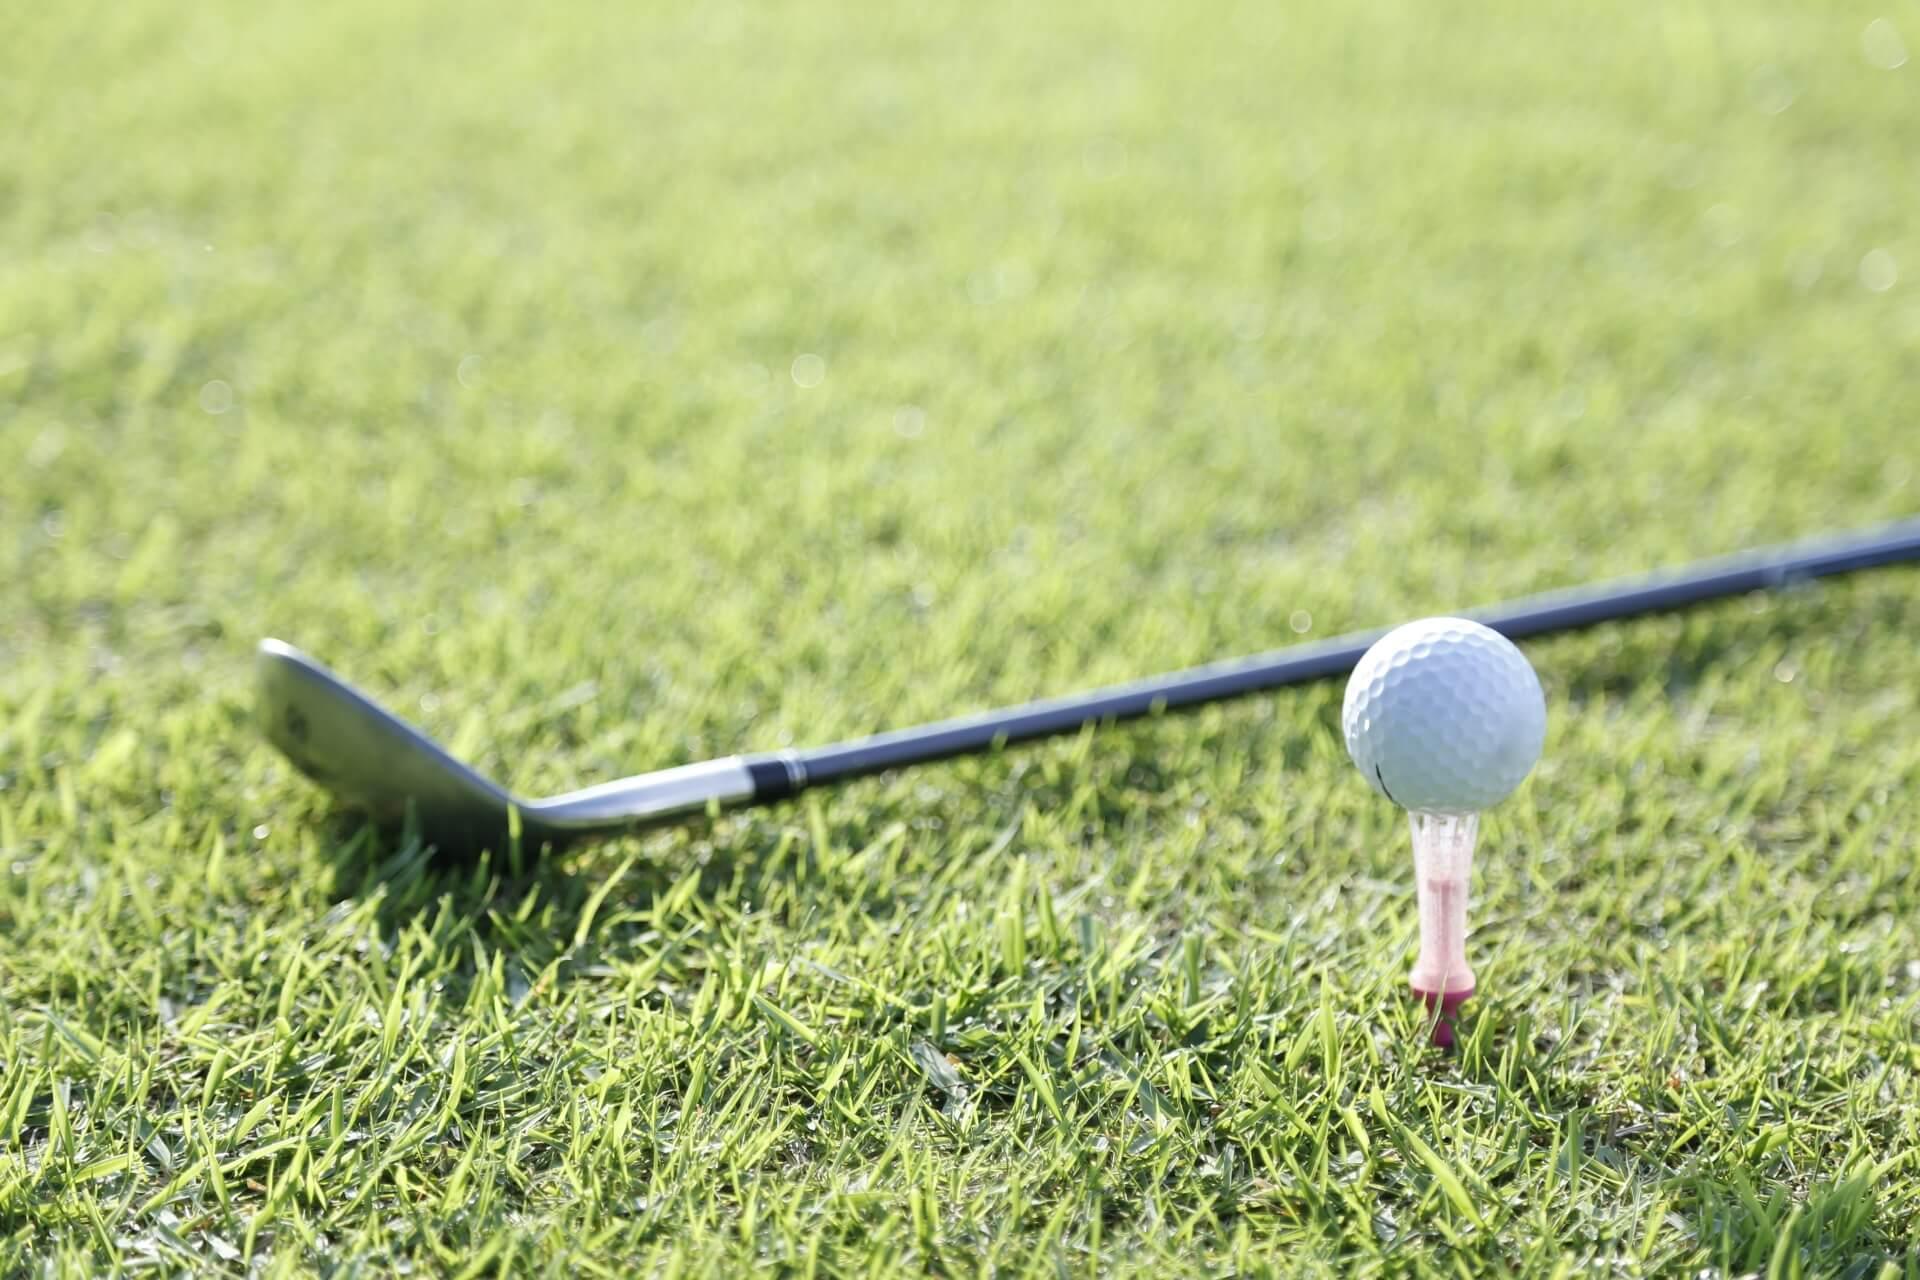 ゴルフで言うメジャーとはどんな意味?詳しく教えてほしい!